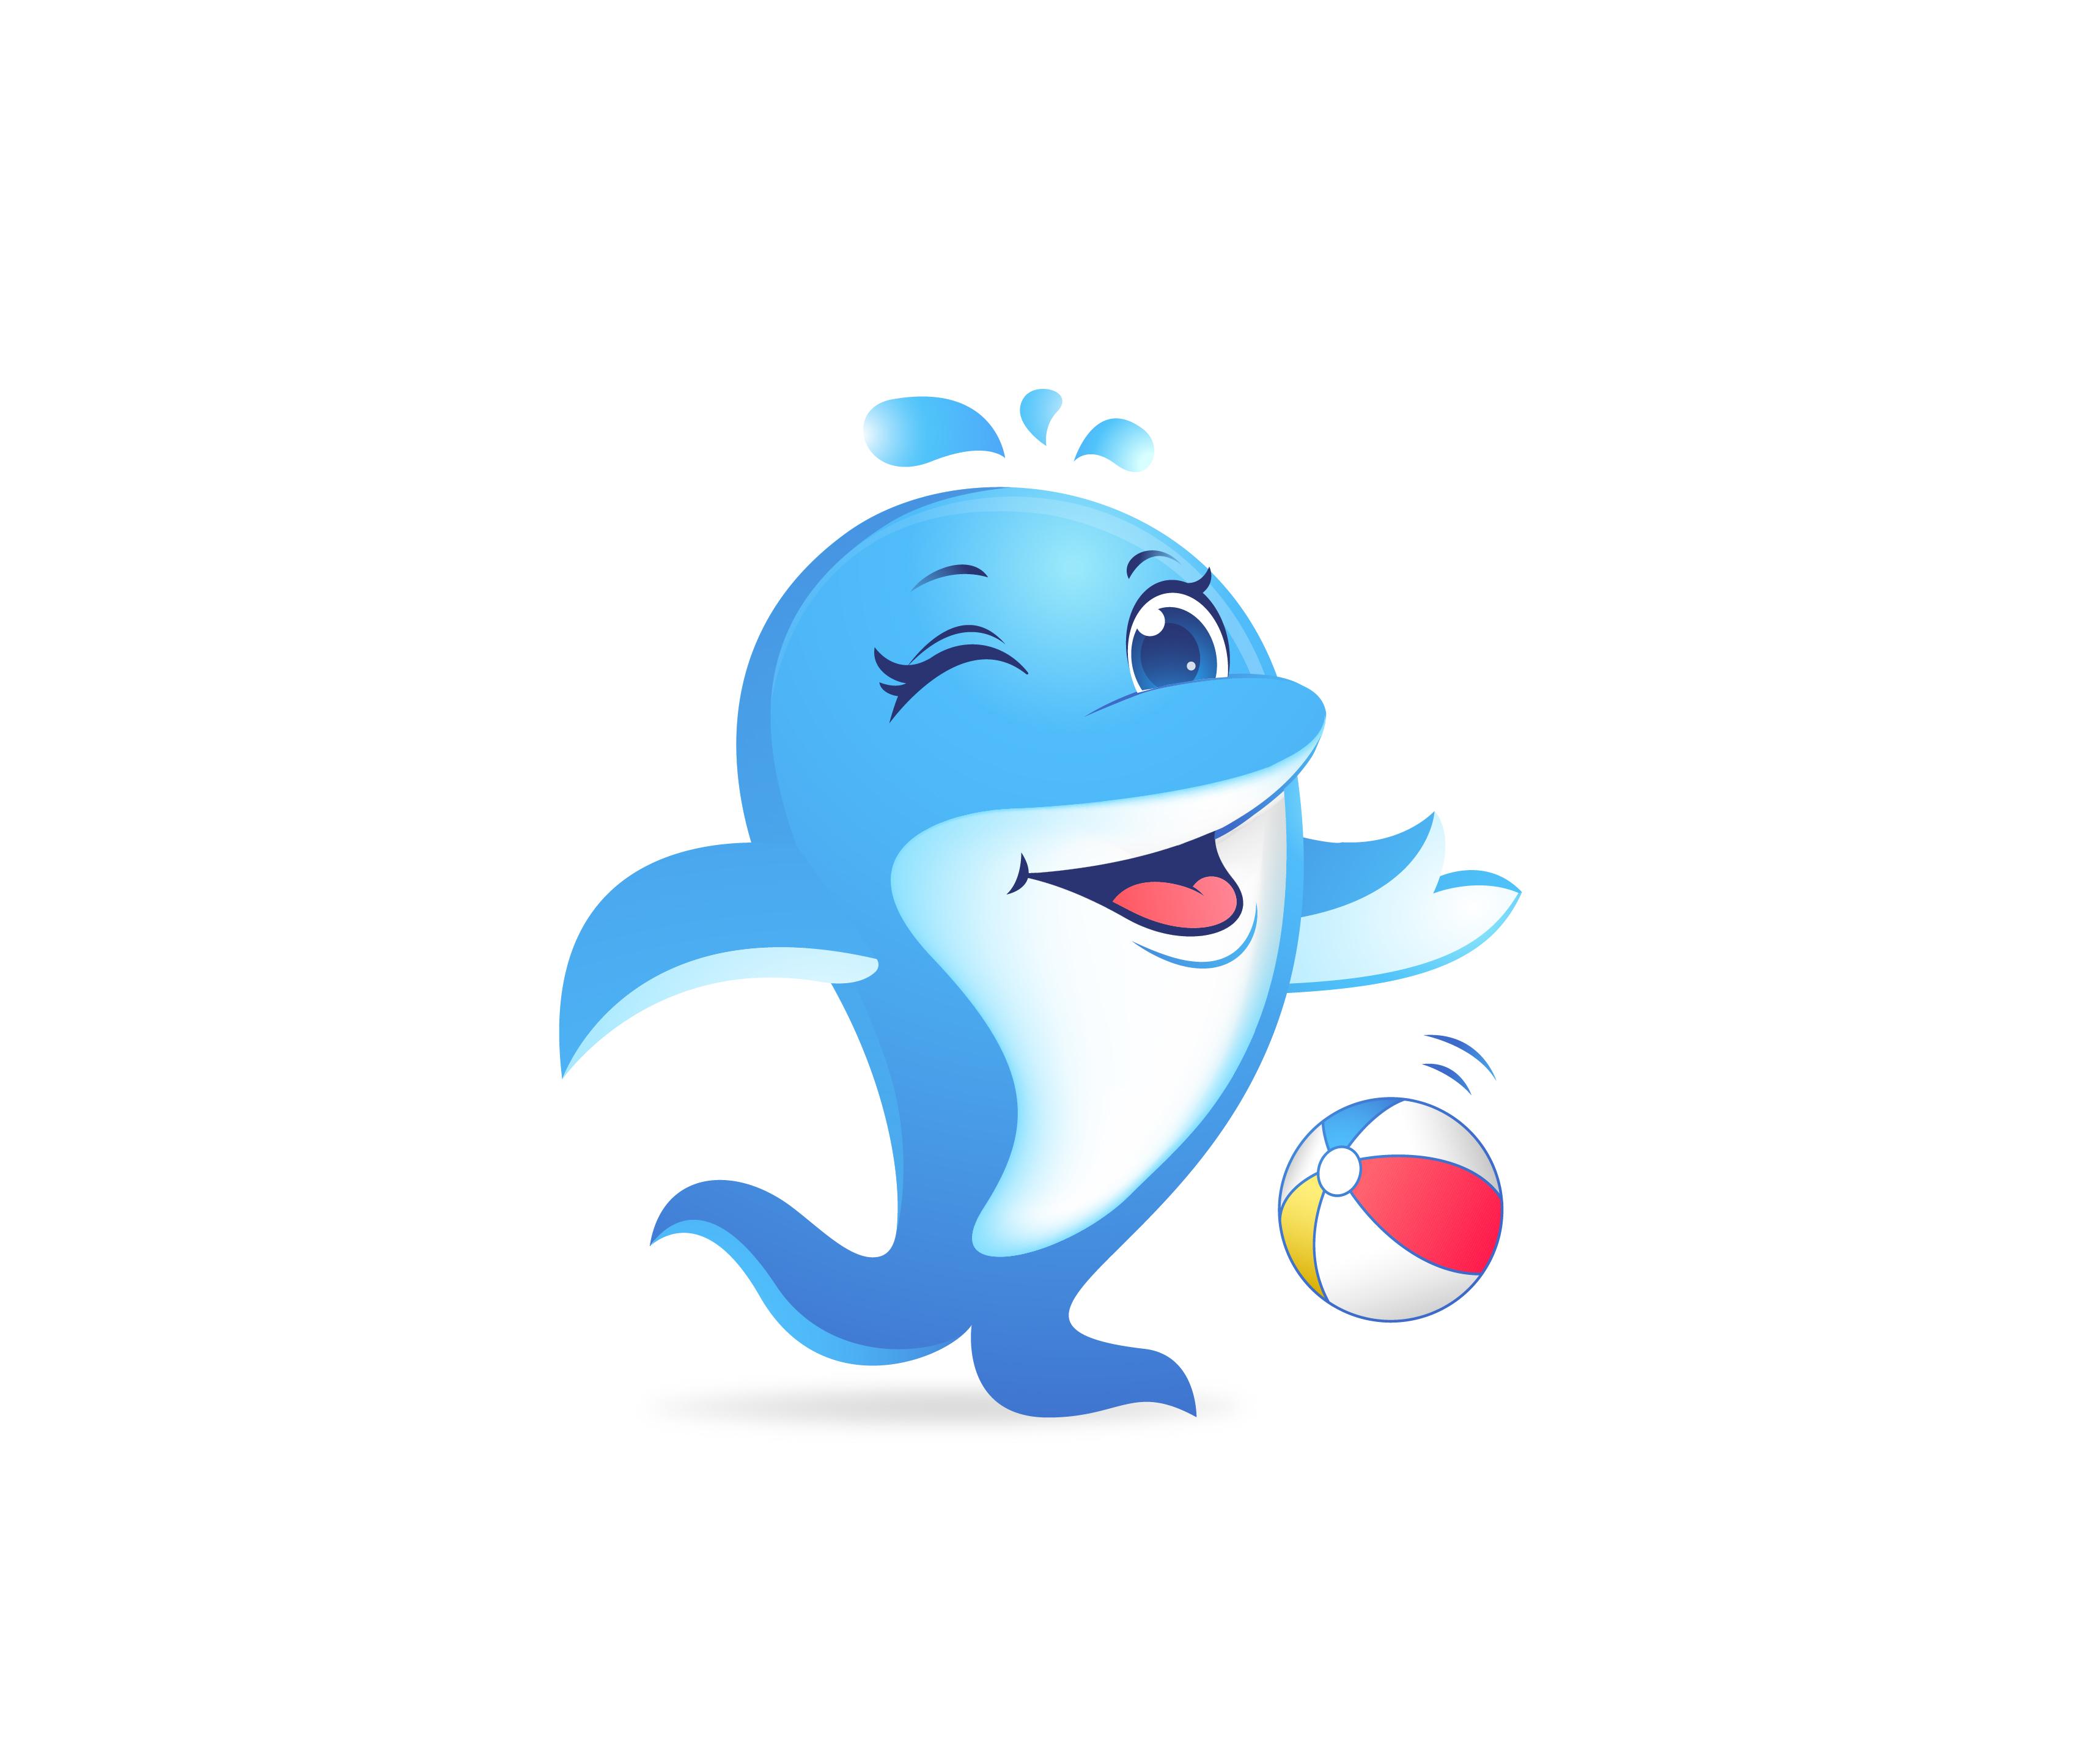 海豚托育園_畫板 1 副本 4.jpg